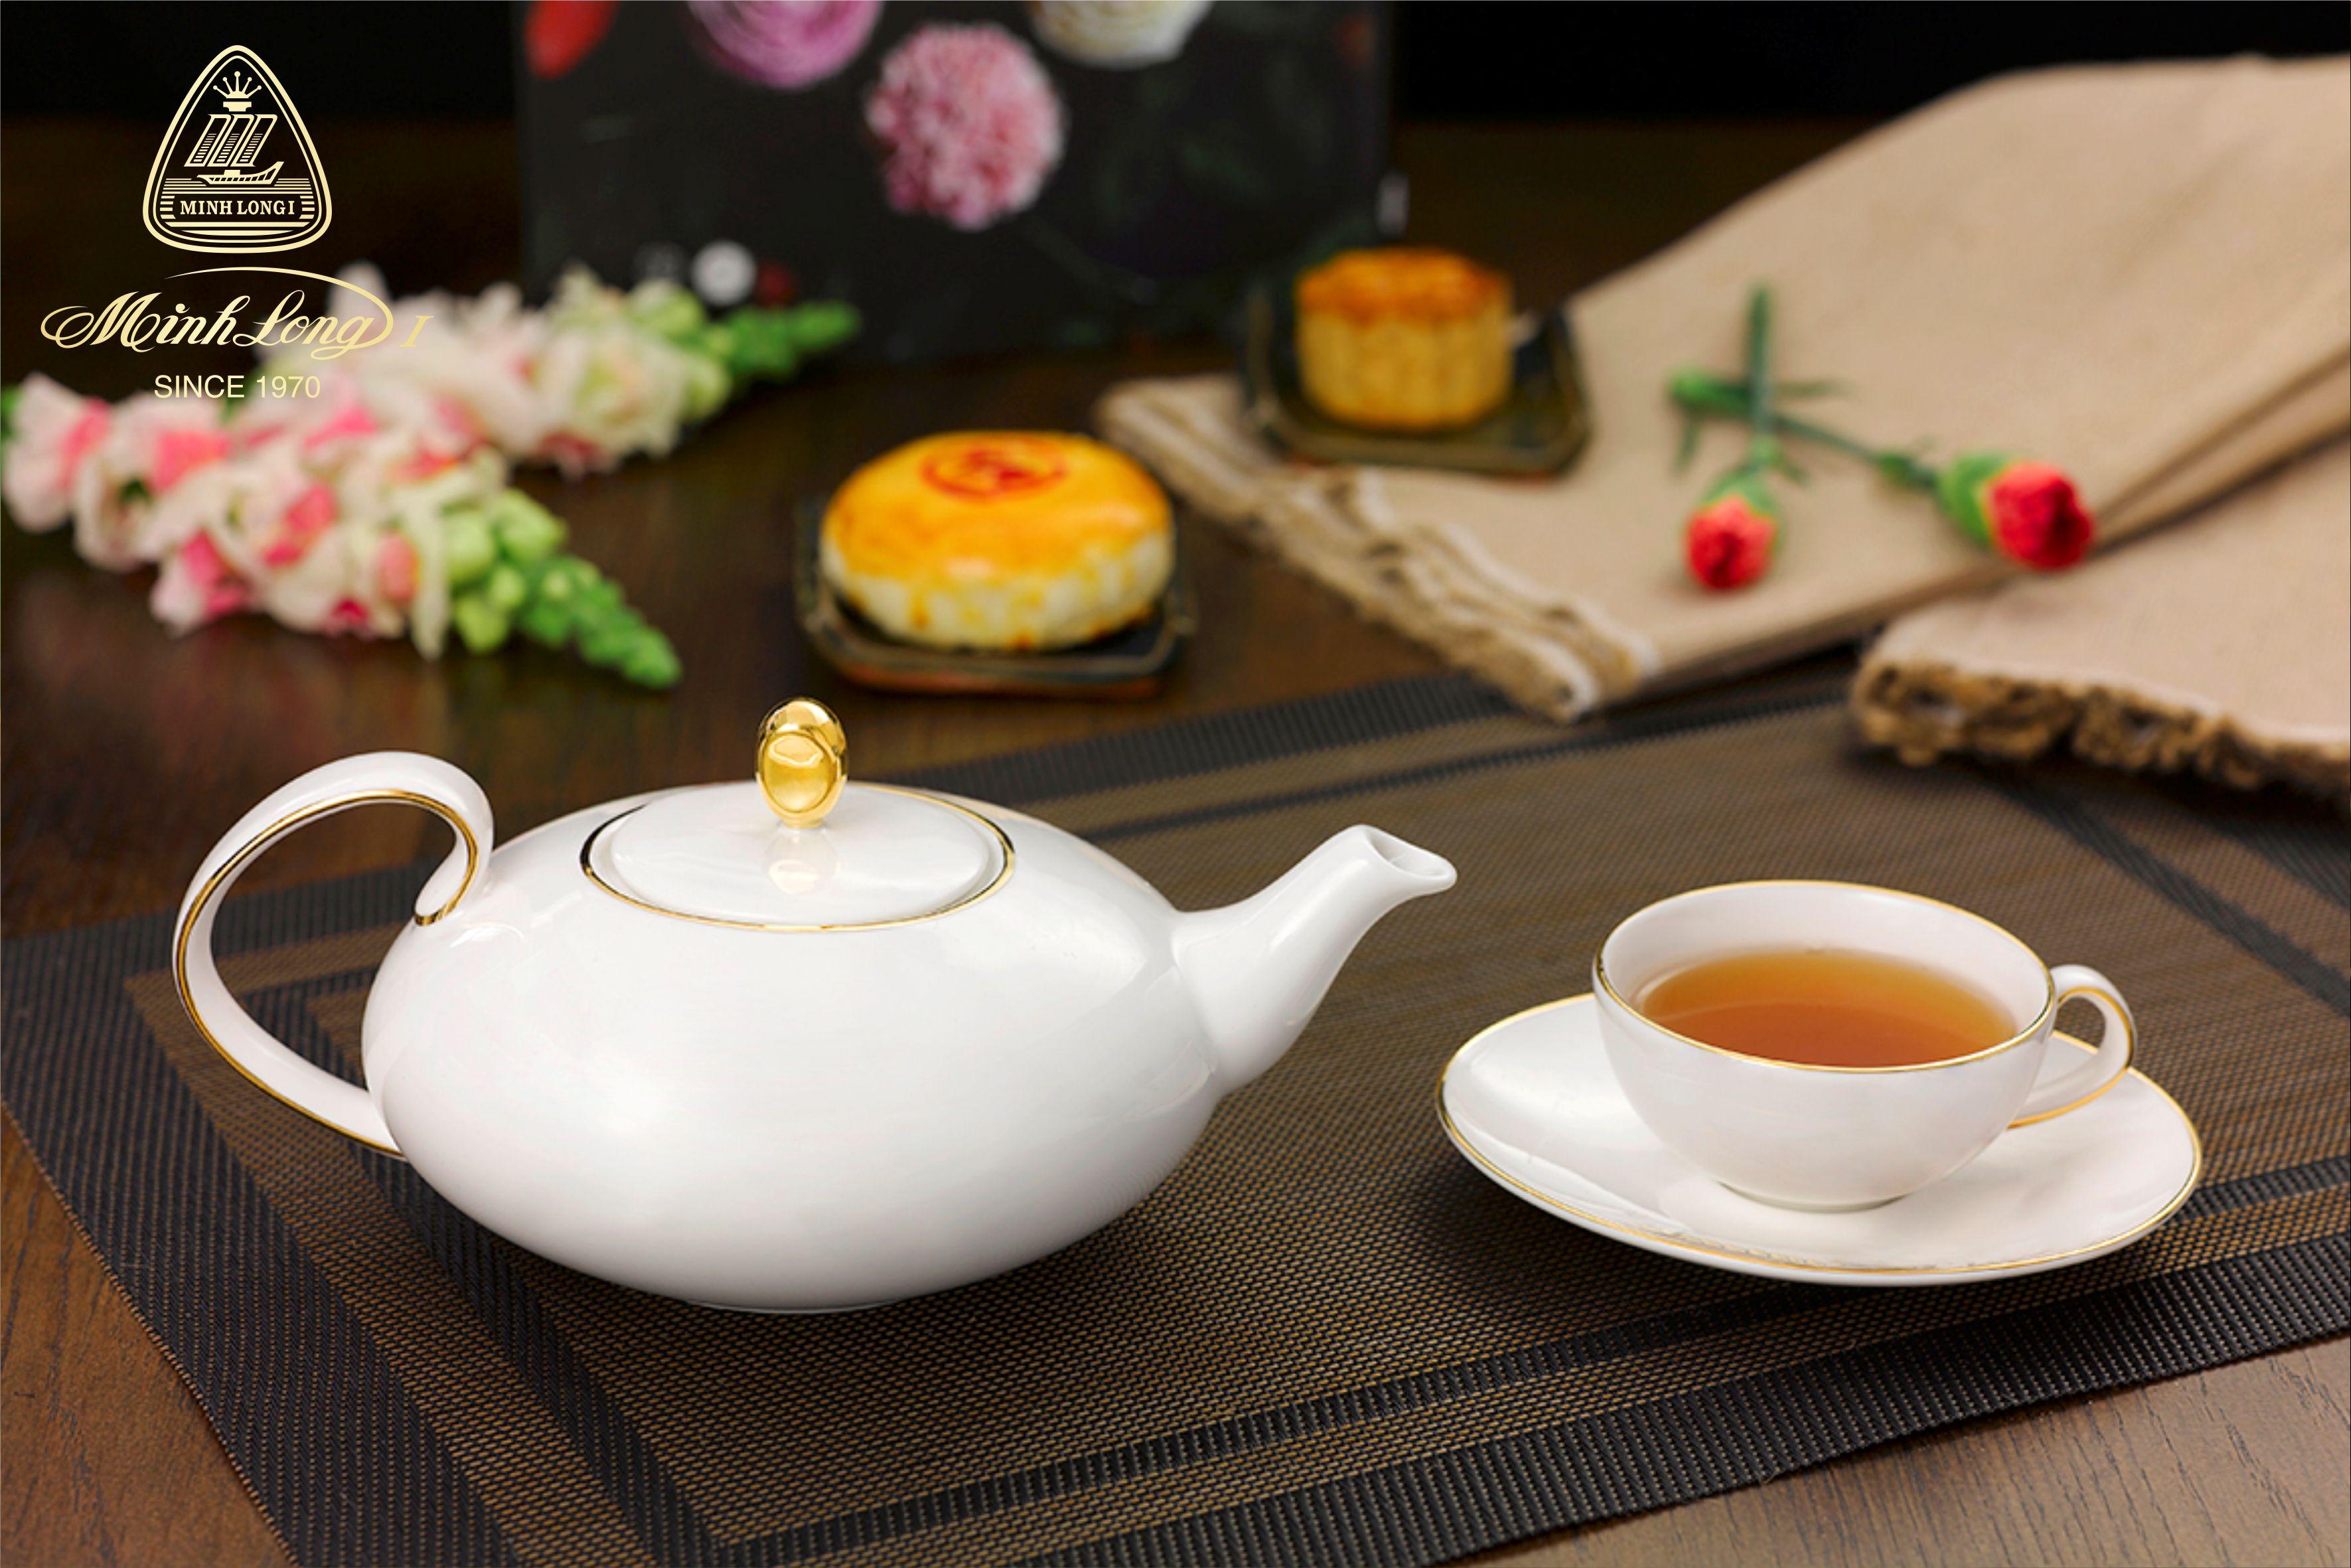 Bộ trà elip 0.47L Anna Chỉ Vàng 68470201403 Minh Long